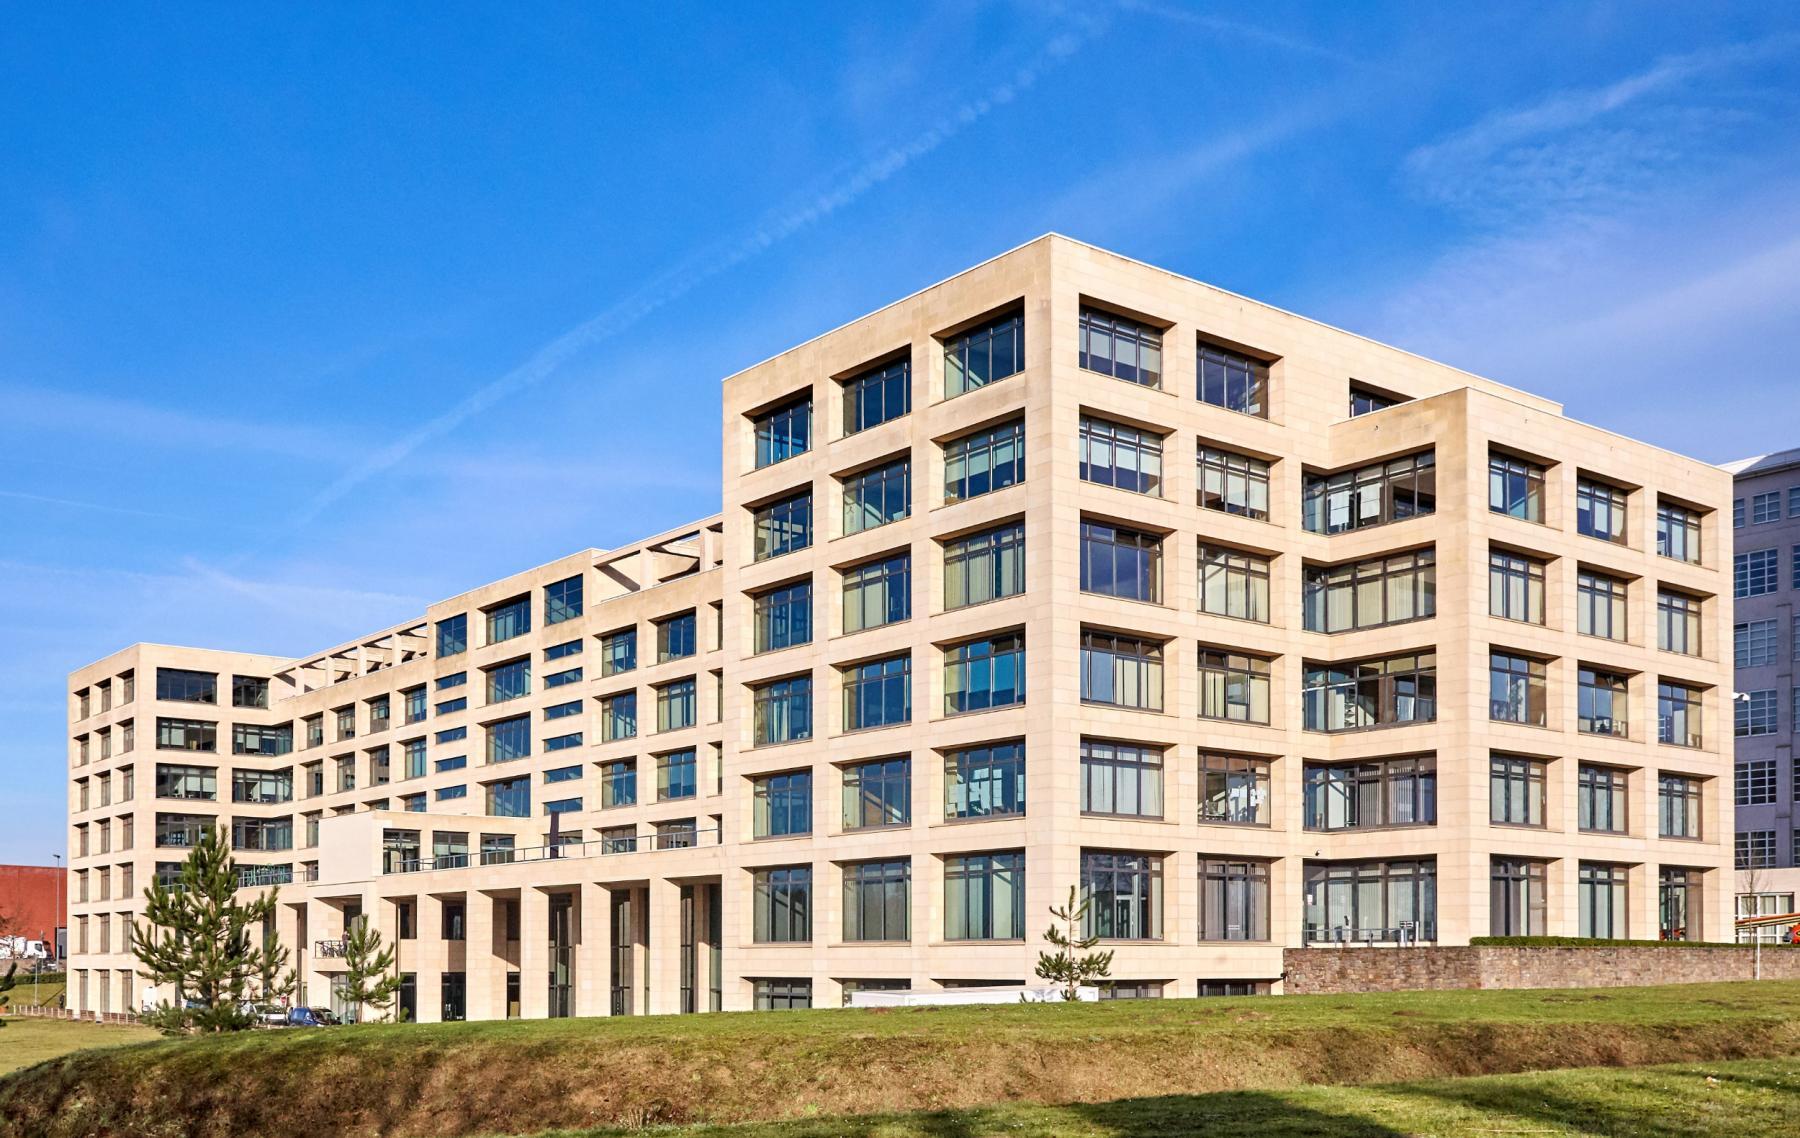 Kantoor te huur Philipssite 5 5, Leuven (1)